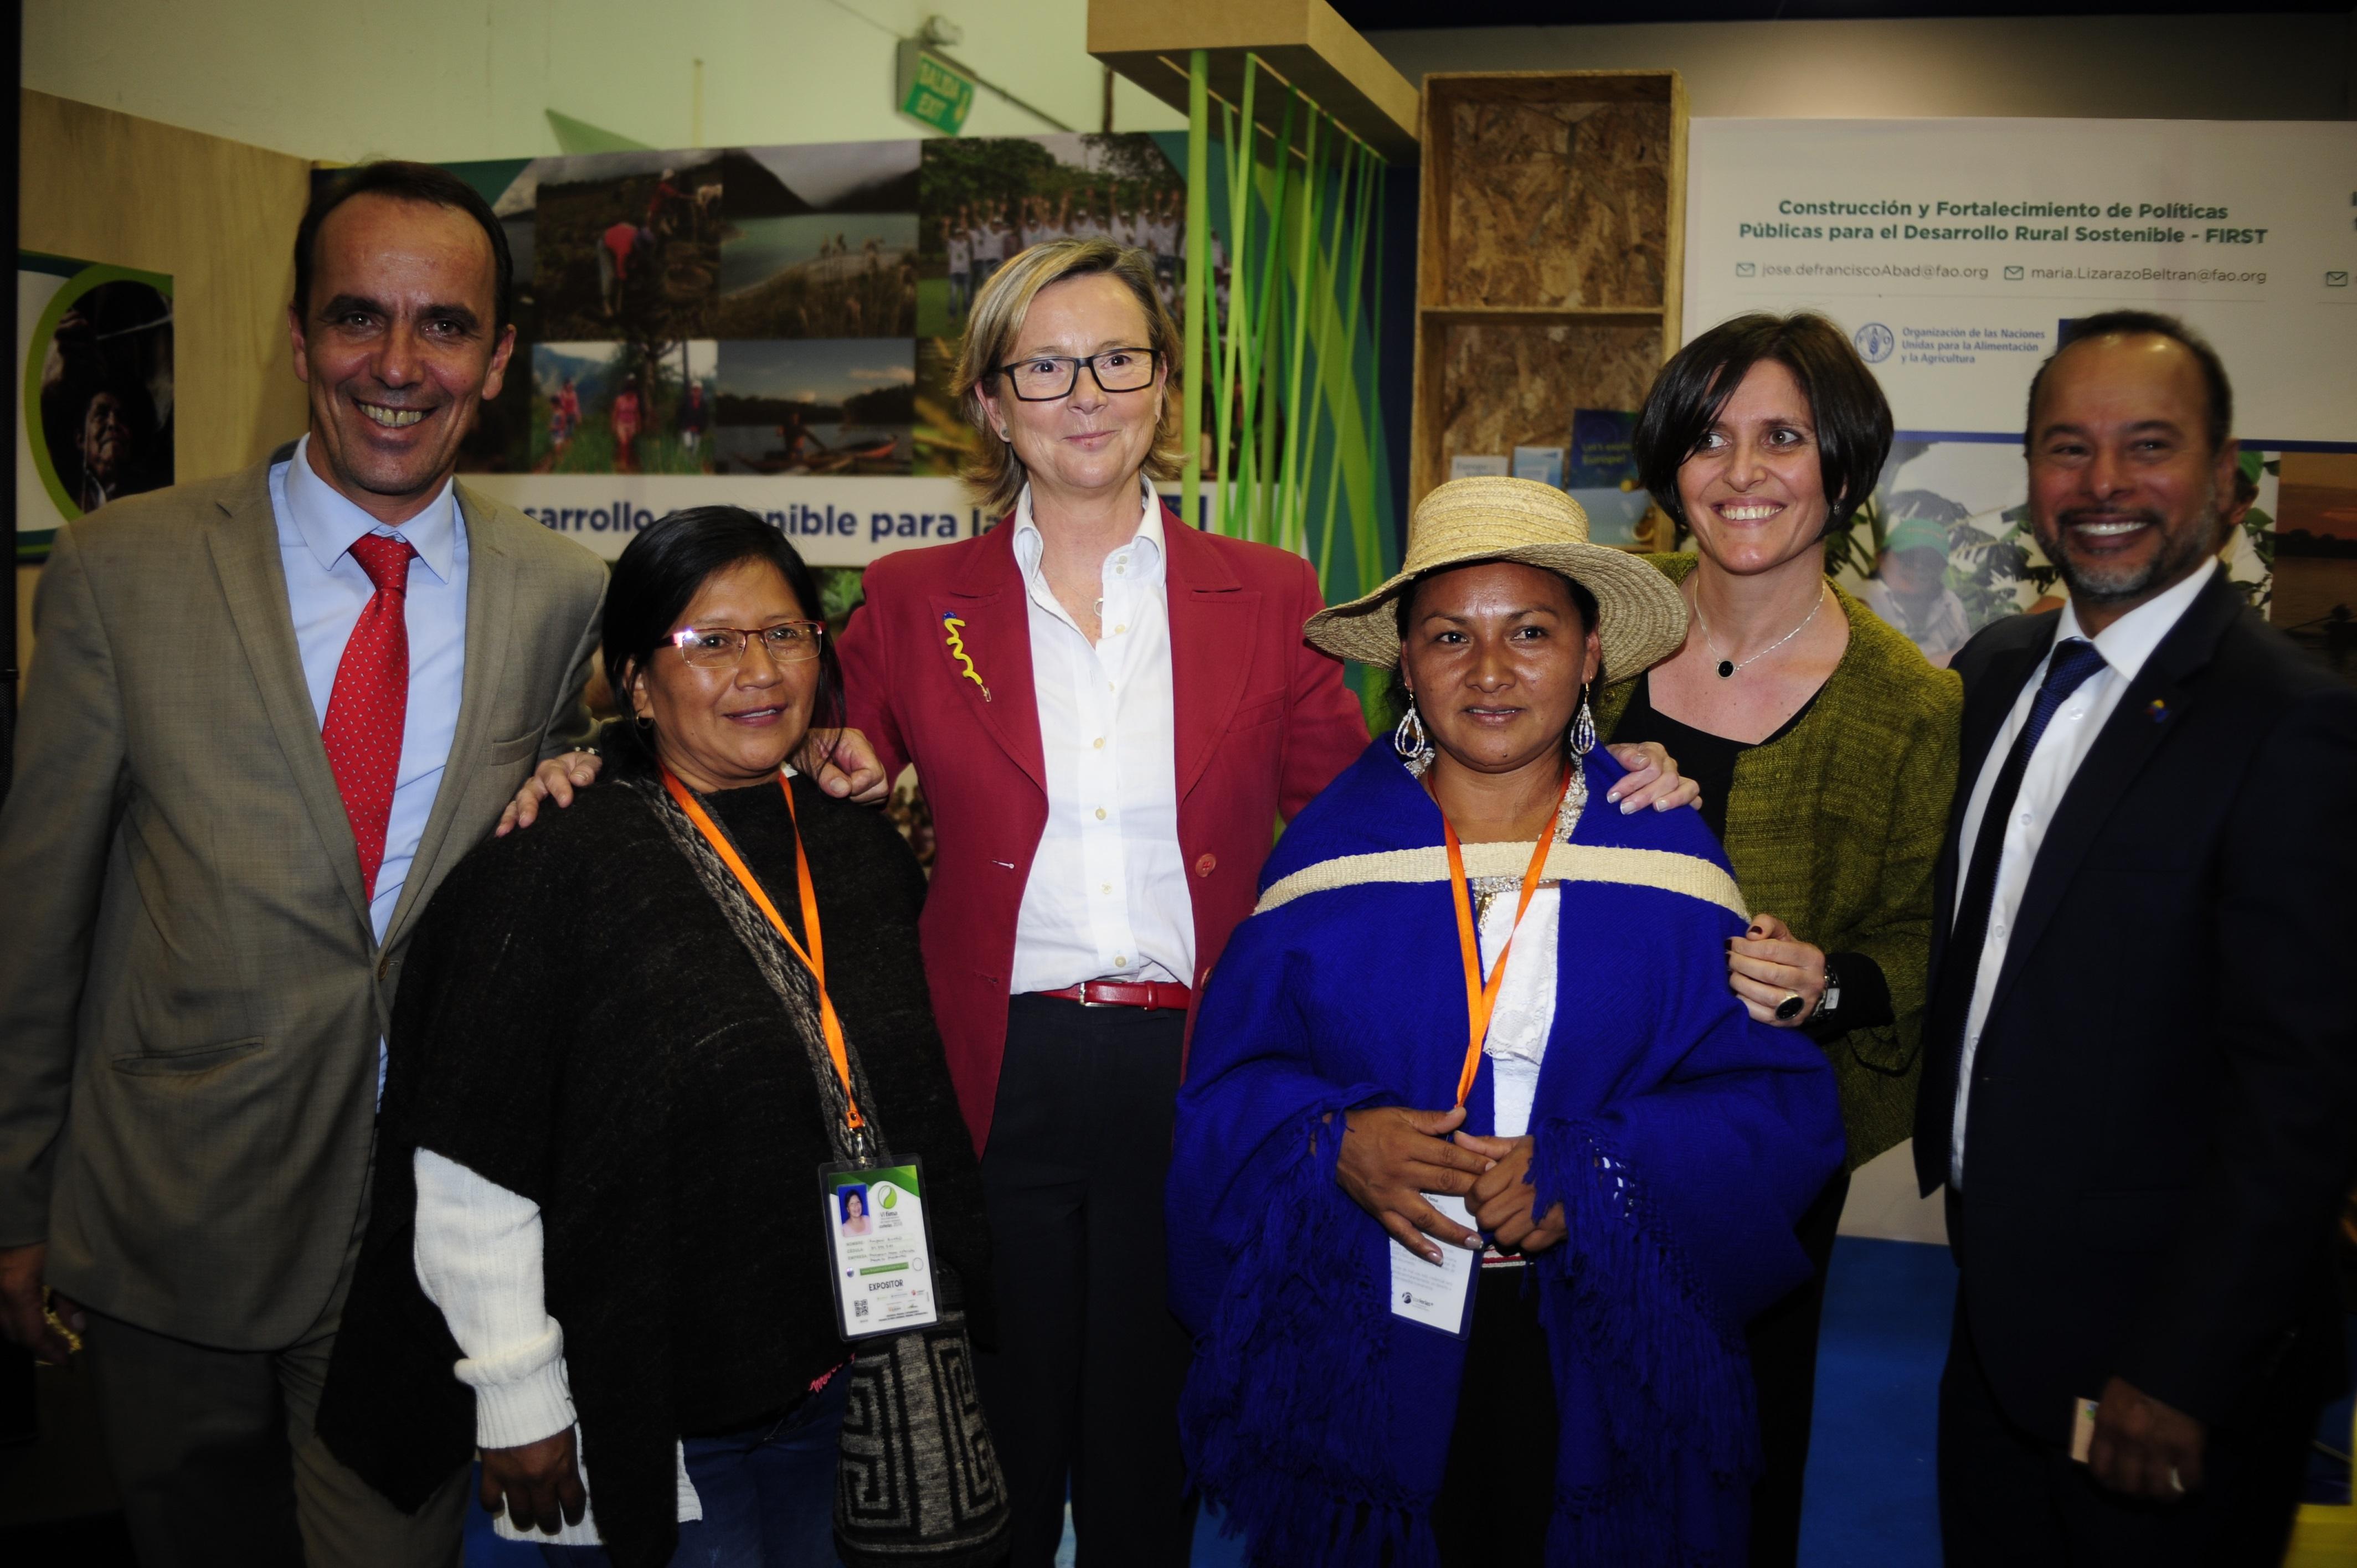 Las comunidades indígenas del Cauca reciben apoyo de la Unión Europea.